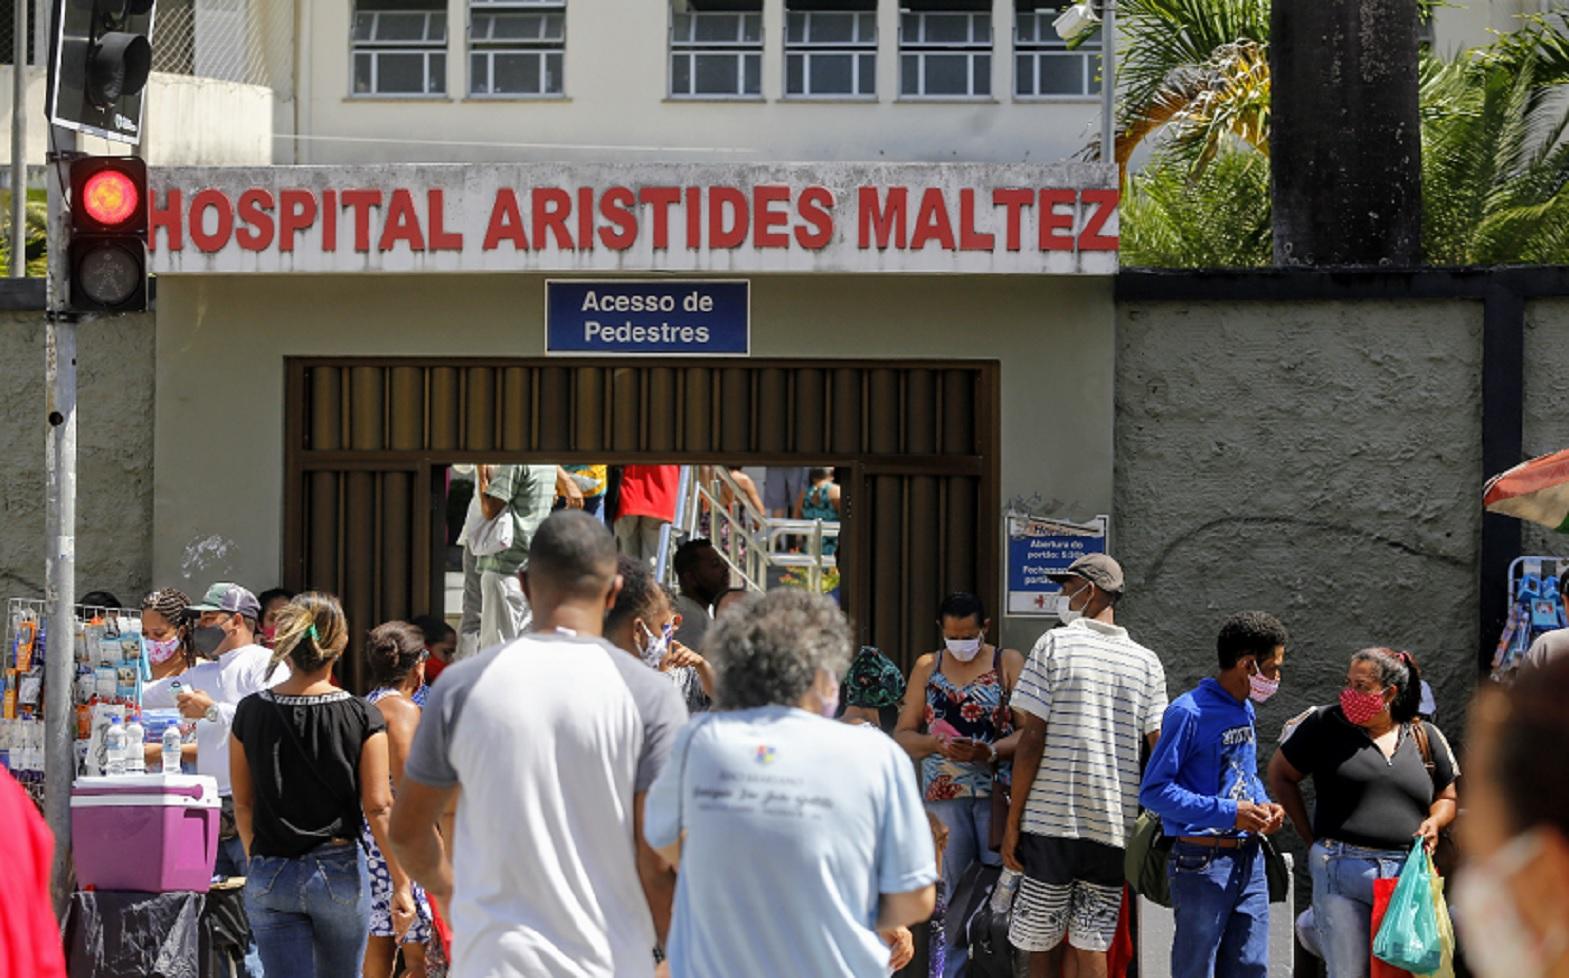 Porta do Hospital Aristides Maltez durante a pandemia  de covid-19